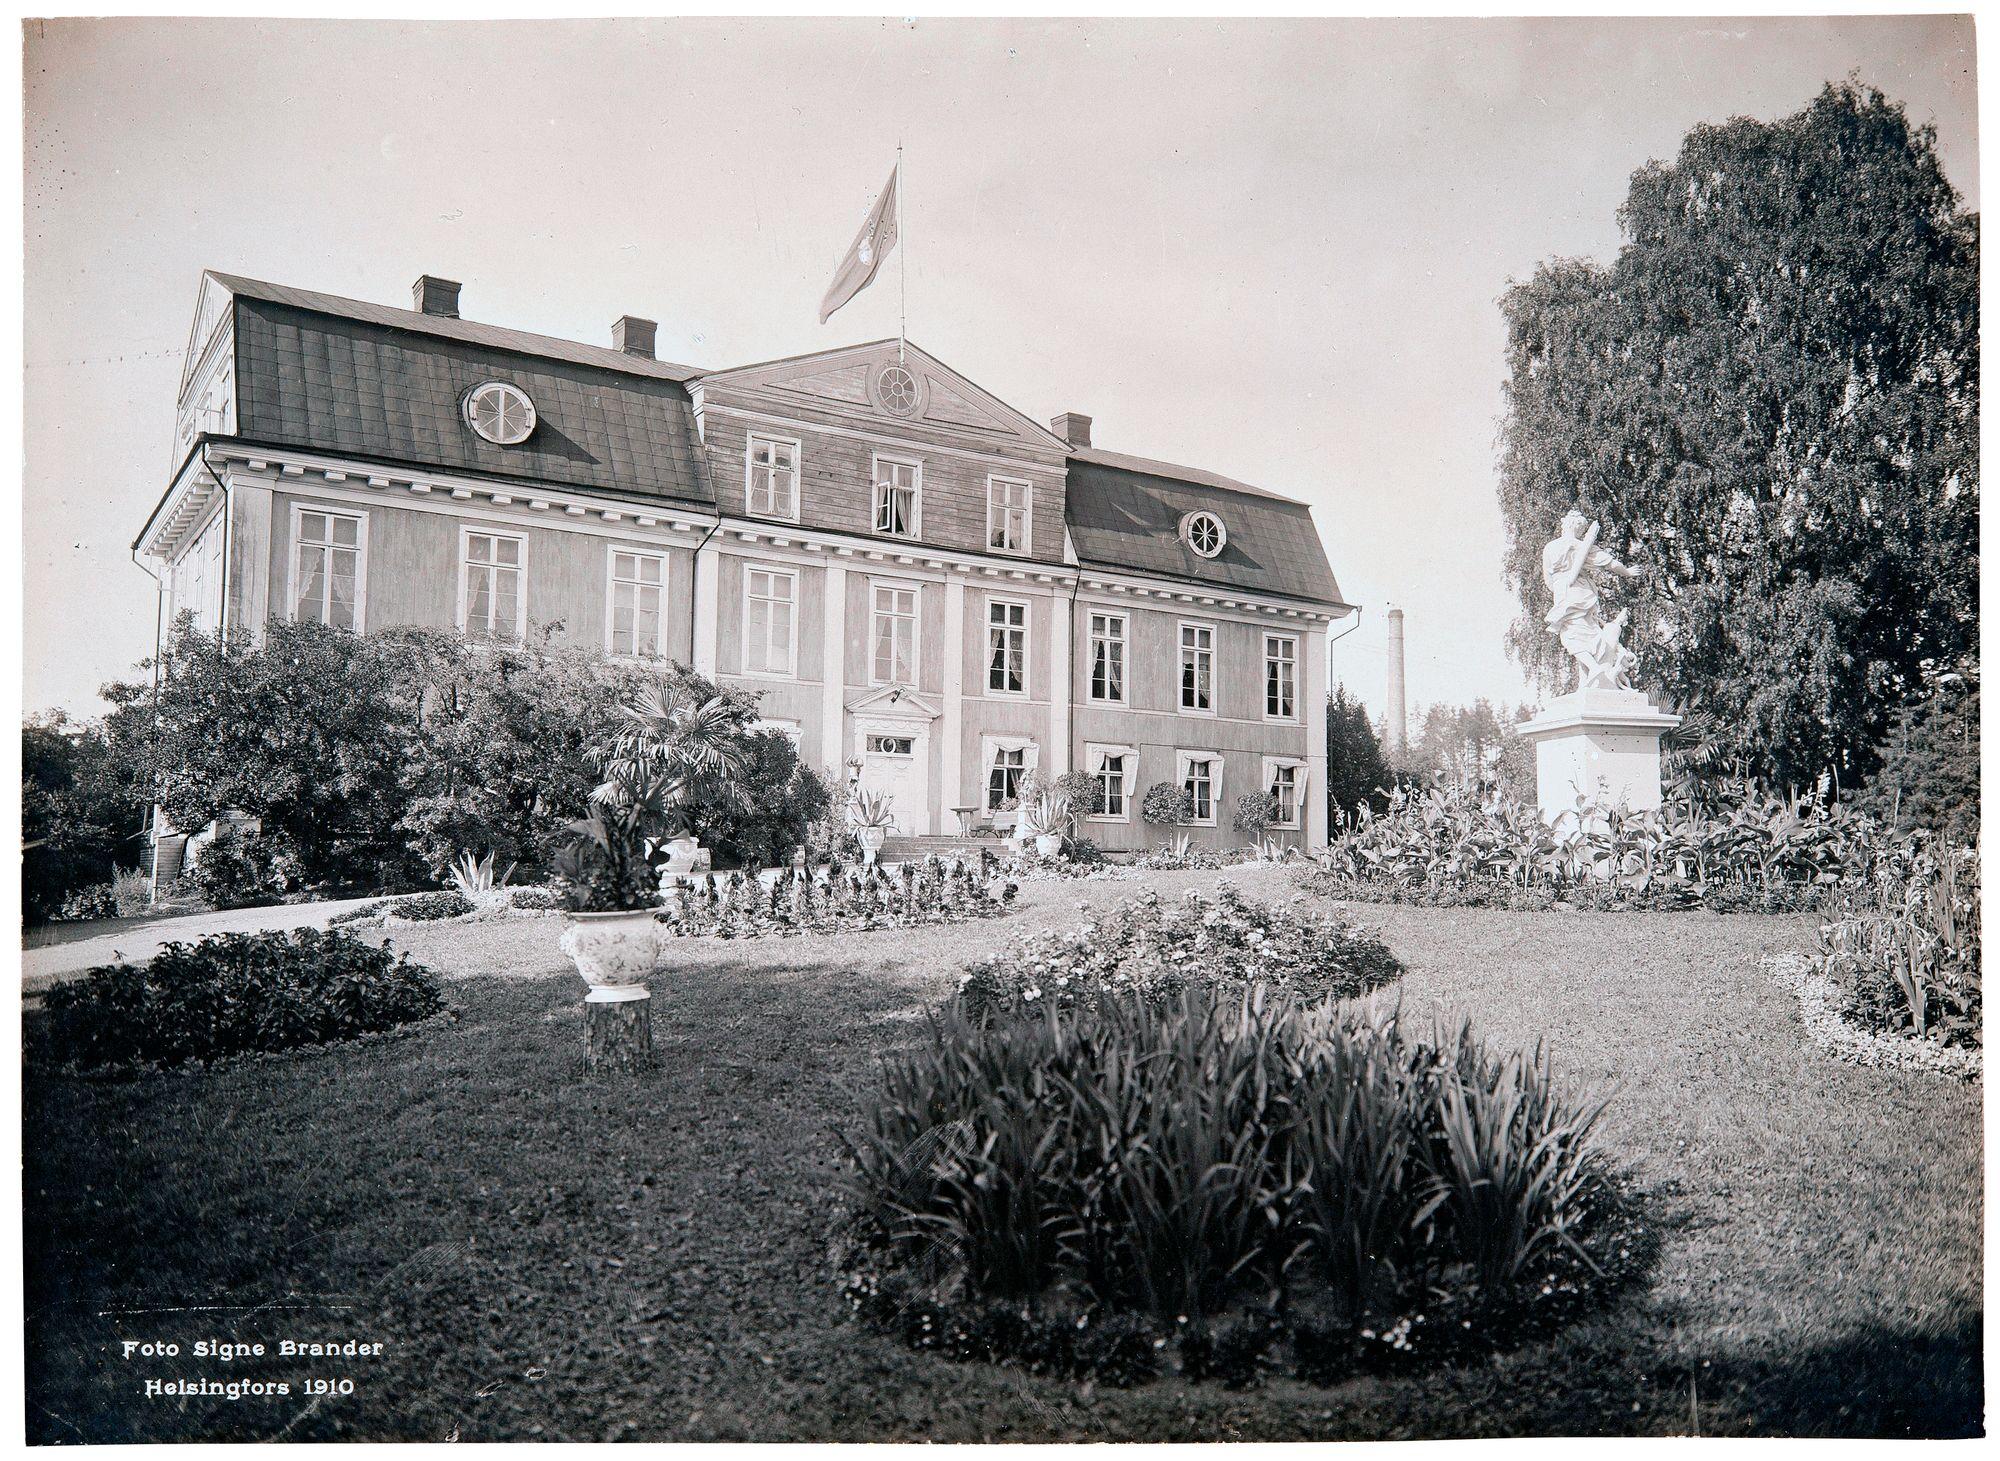 Signe Brander kuvasi Mustion linnan läntisellä Uudellamaalla kesällä 1910. Rakennus on yksi maamme suurimpia ei-kirkollisia puurakennuksia. © Museovirasto